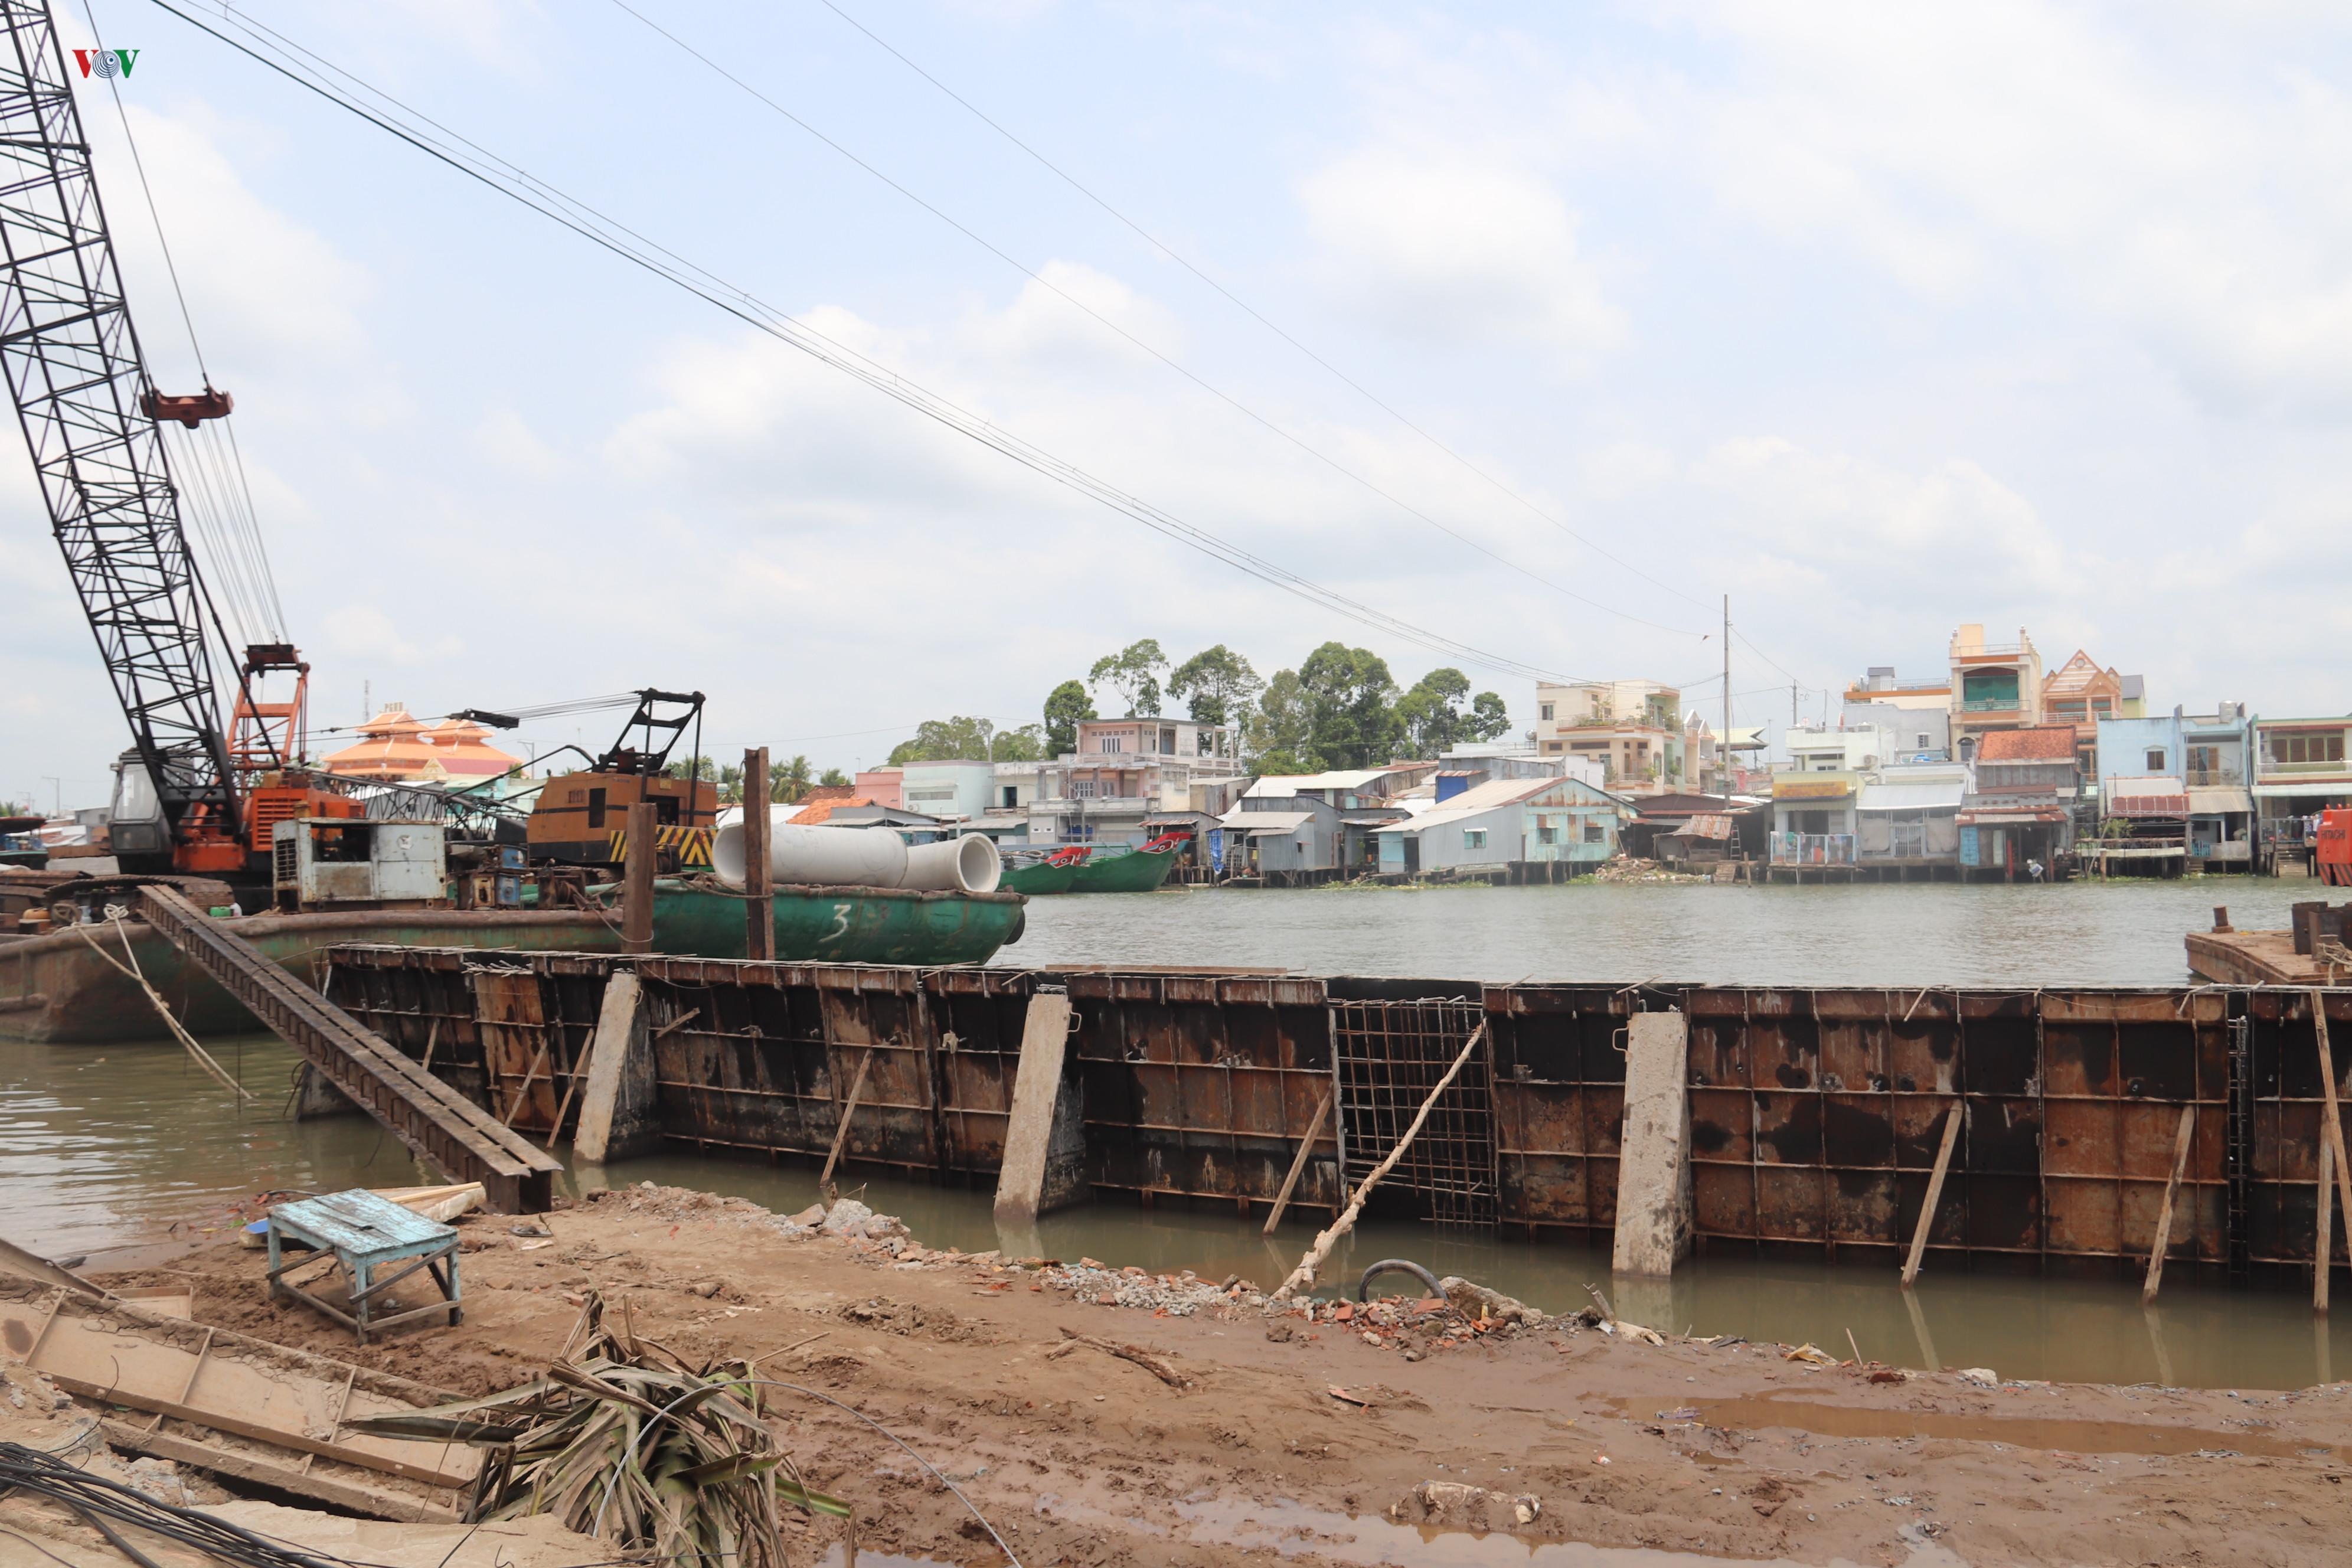 Sạt lở khiến 11 căn nhà ven sông Ô Môn, Cần Thơ bị ảnh hưởng Ảnh 5